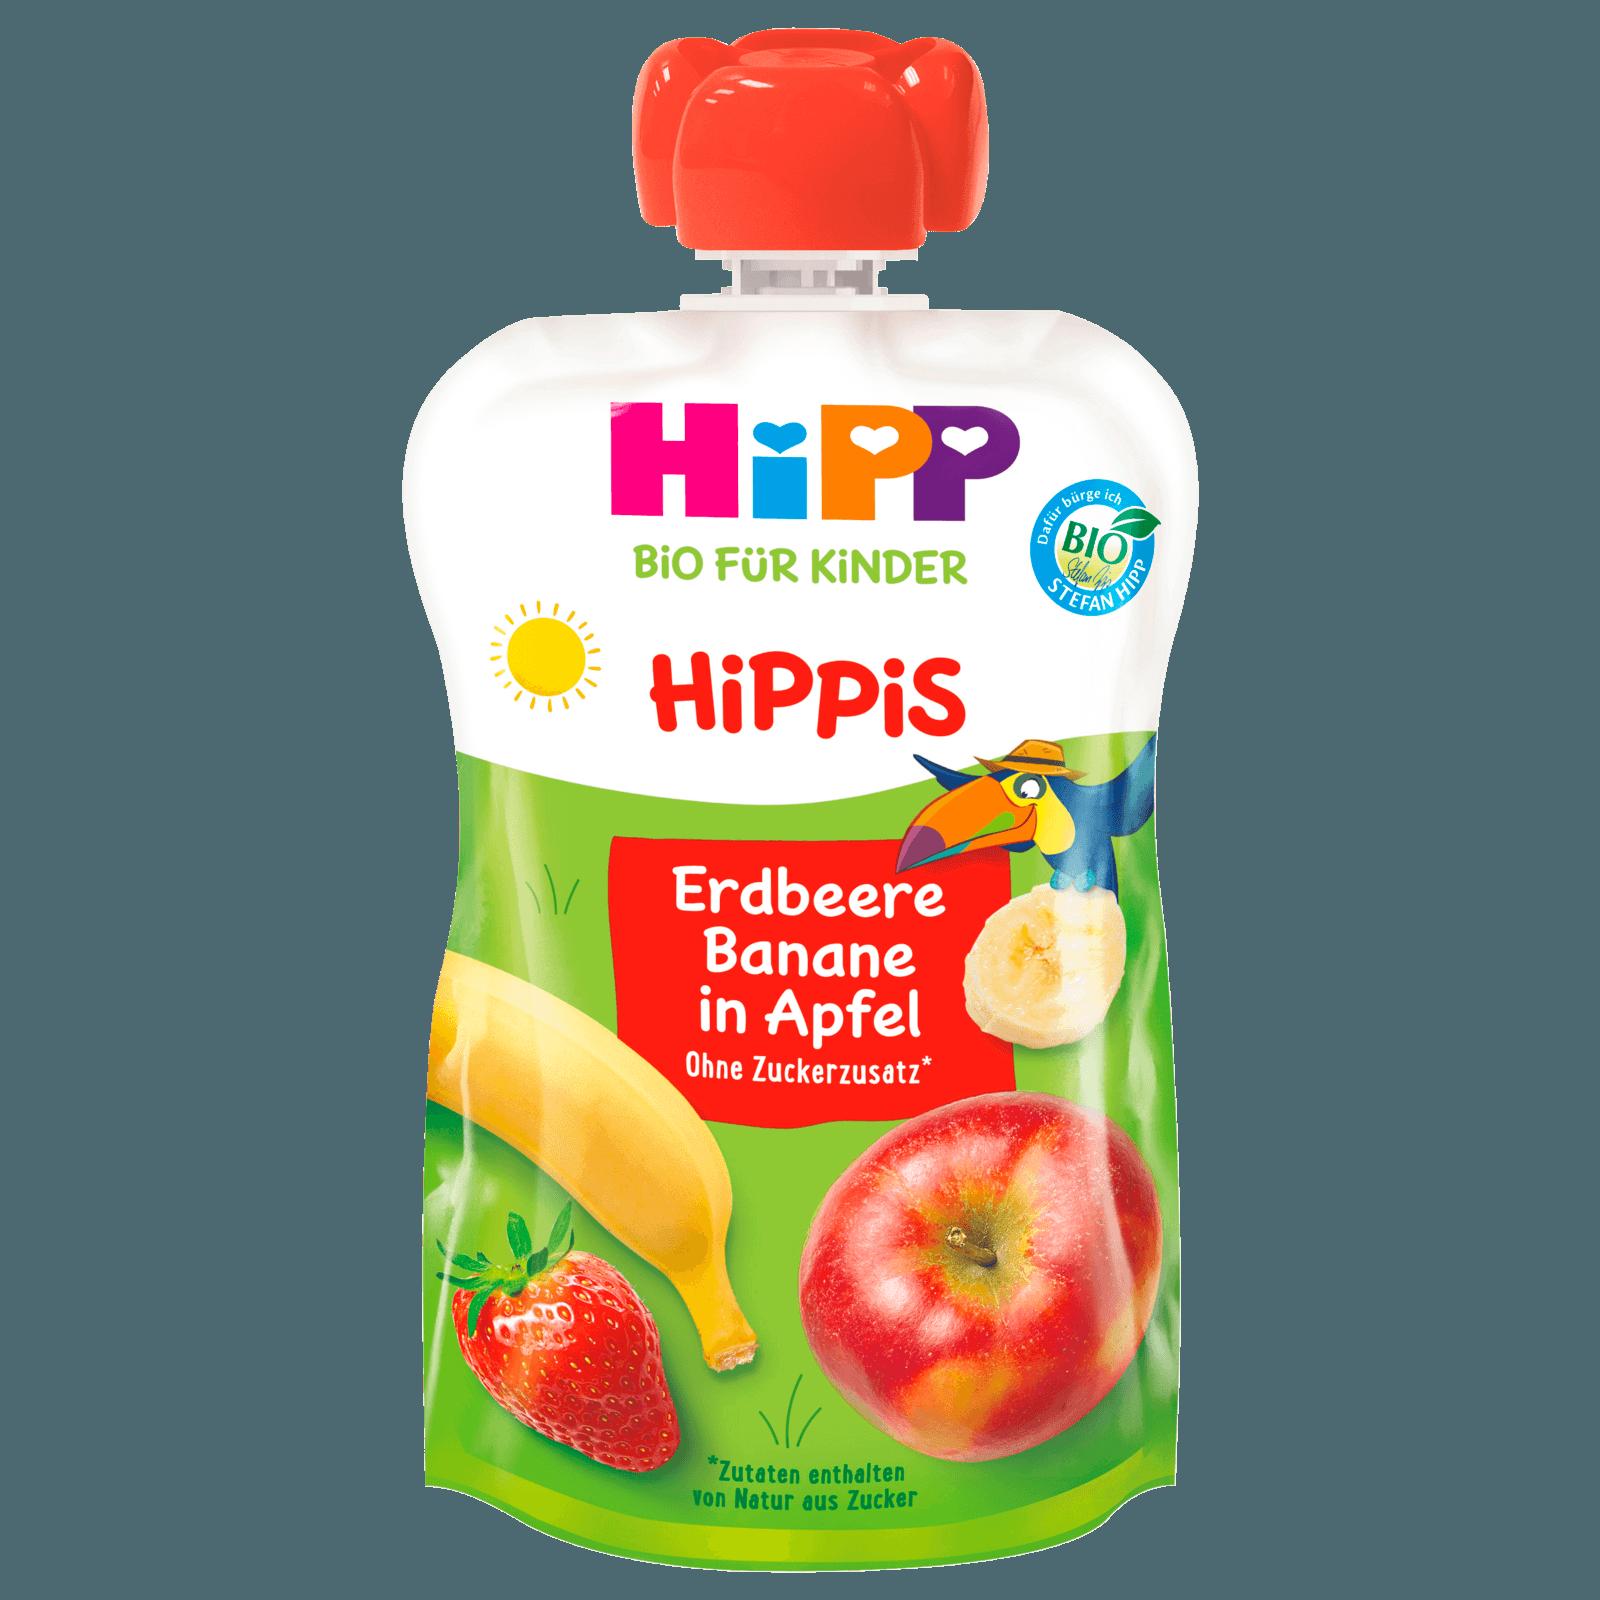 Hipp Hippis Ferdi Frosch Erdbeer-Banane in Apfel 100g